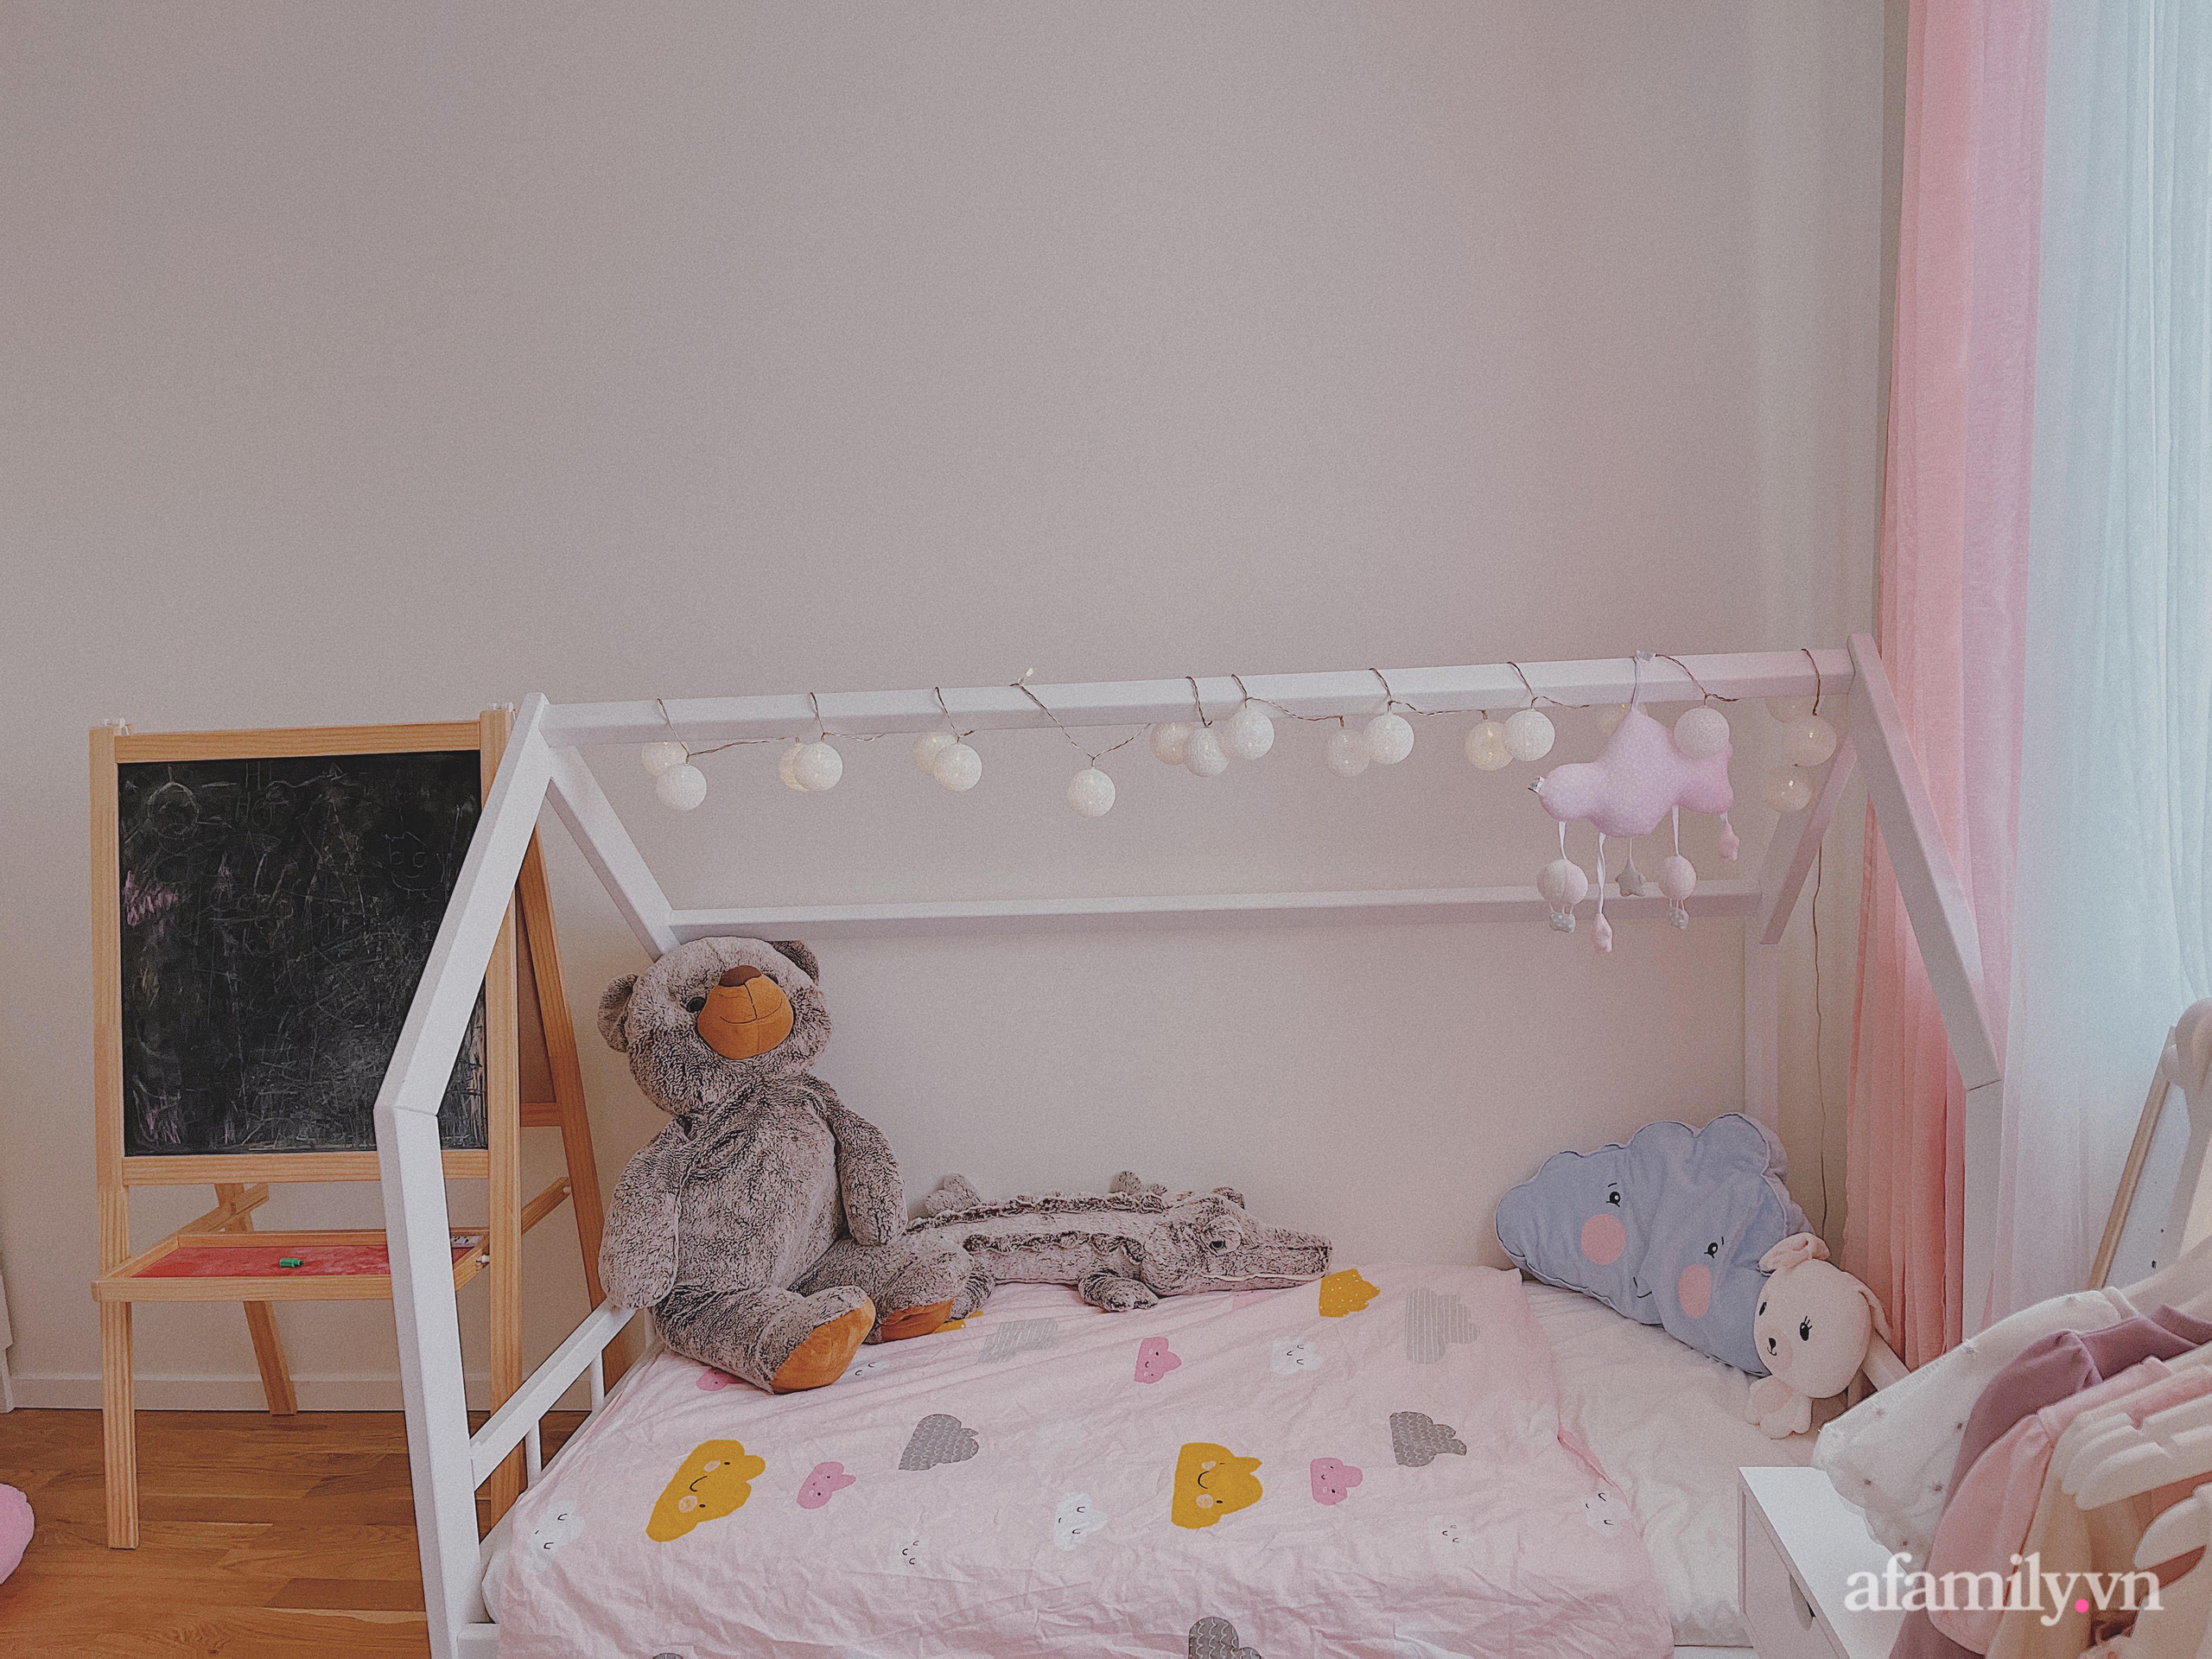 """Căn phòng màu hồng ngọt ngào """"lịm tim"""" bố mẹ thiết kế dành tặng con gái 3 tuổi - Ảnh 5."""